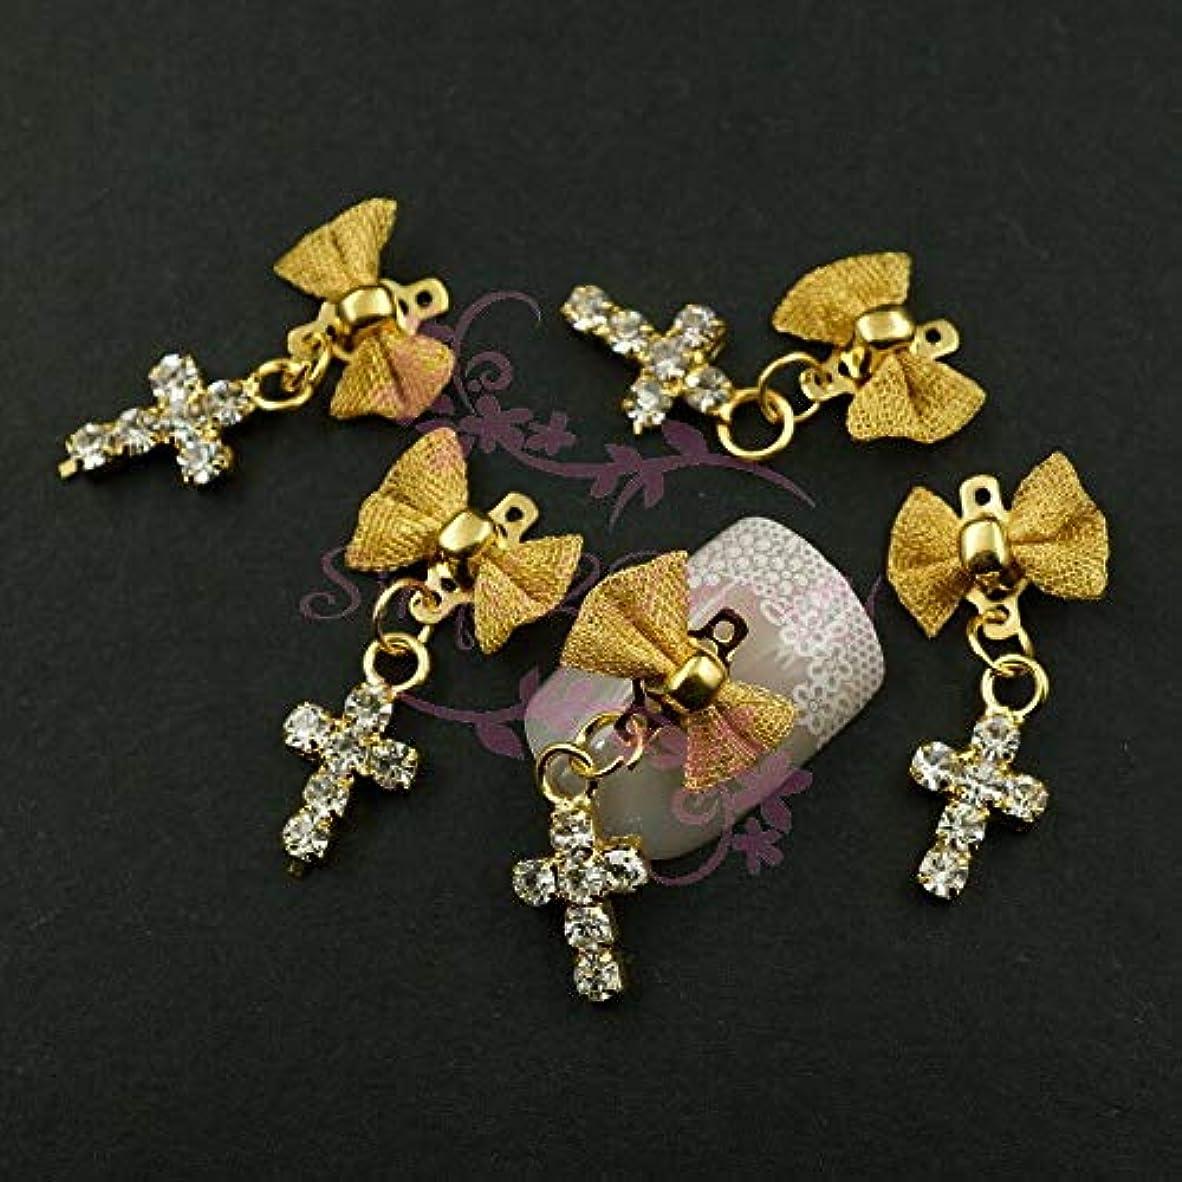 エキゾチック労苦ライセンスFidgetGear 20金属メッシュ弓ブラブラクロスクリアラインストーンの装飾ネイルアート合金チャーム ゴールド